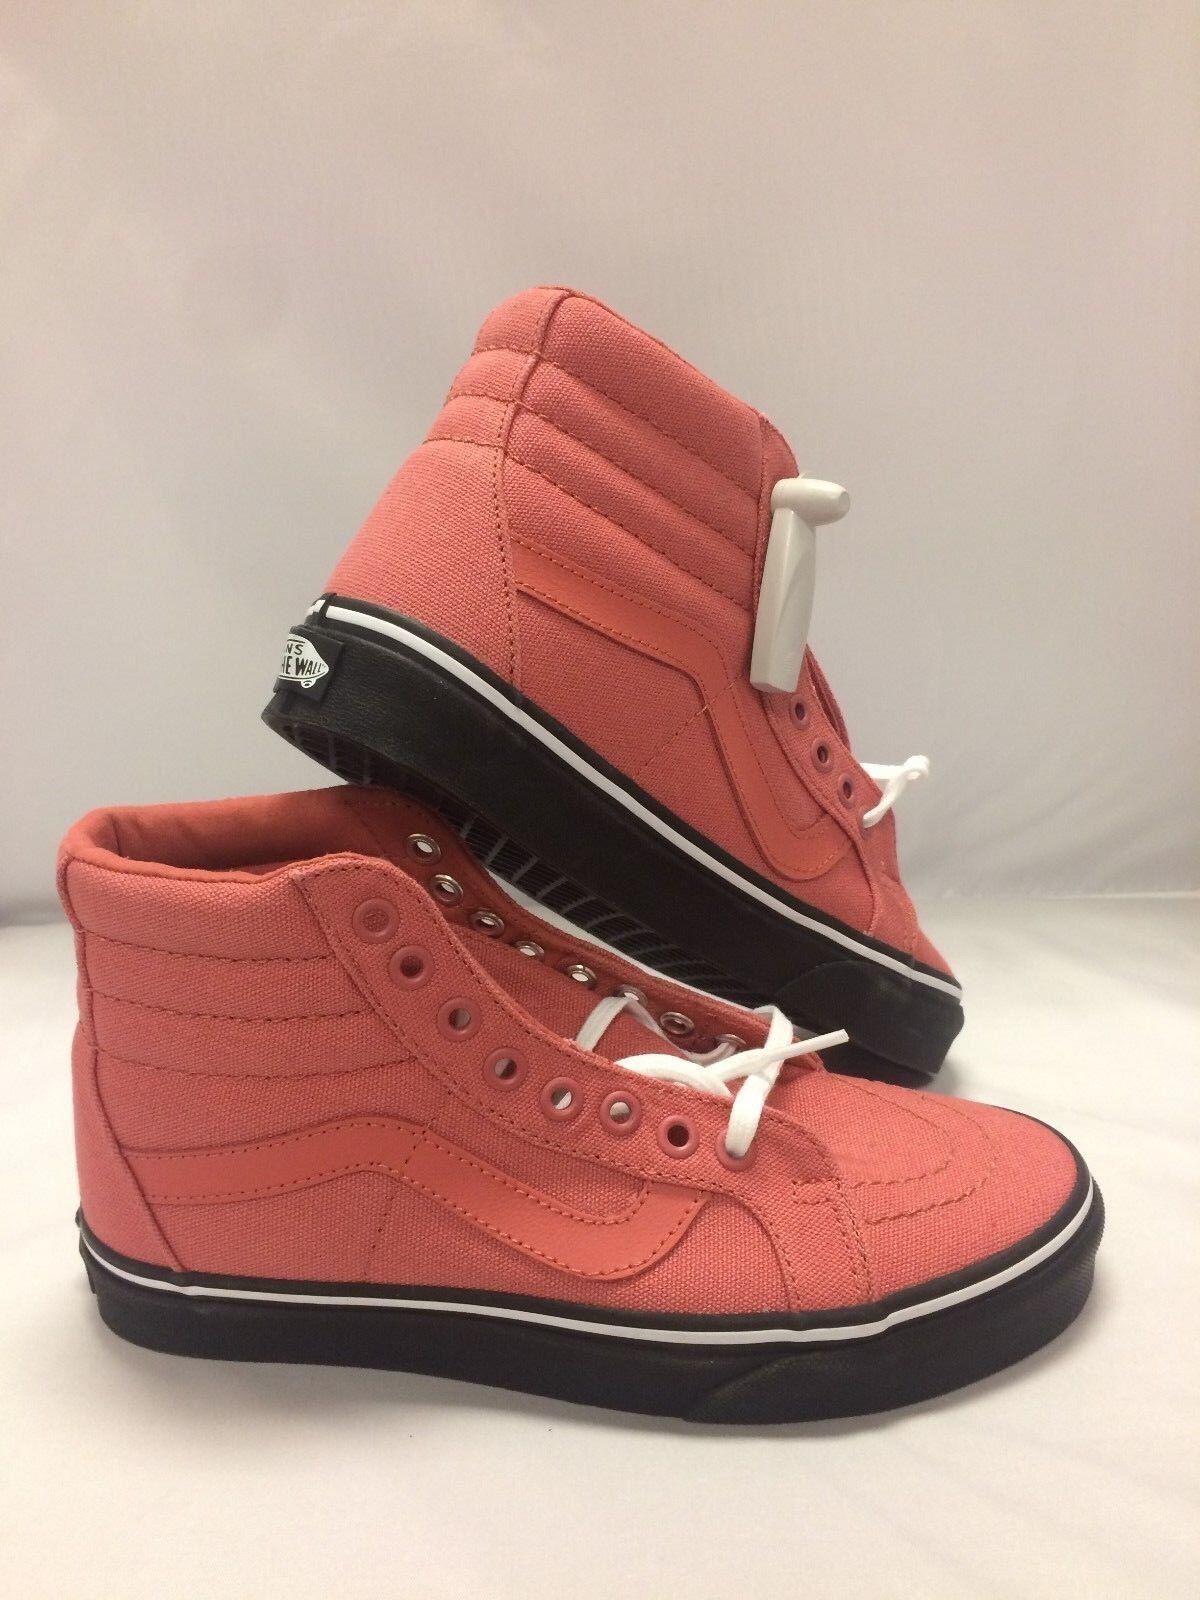 Vans Men's Shoes Outsole)